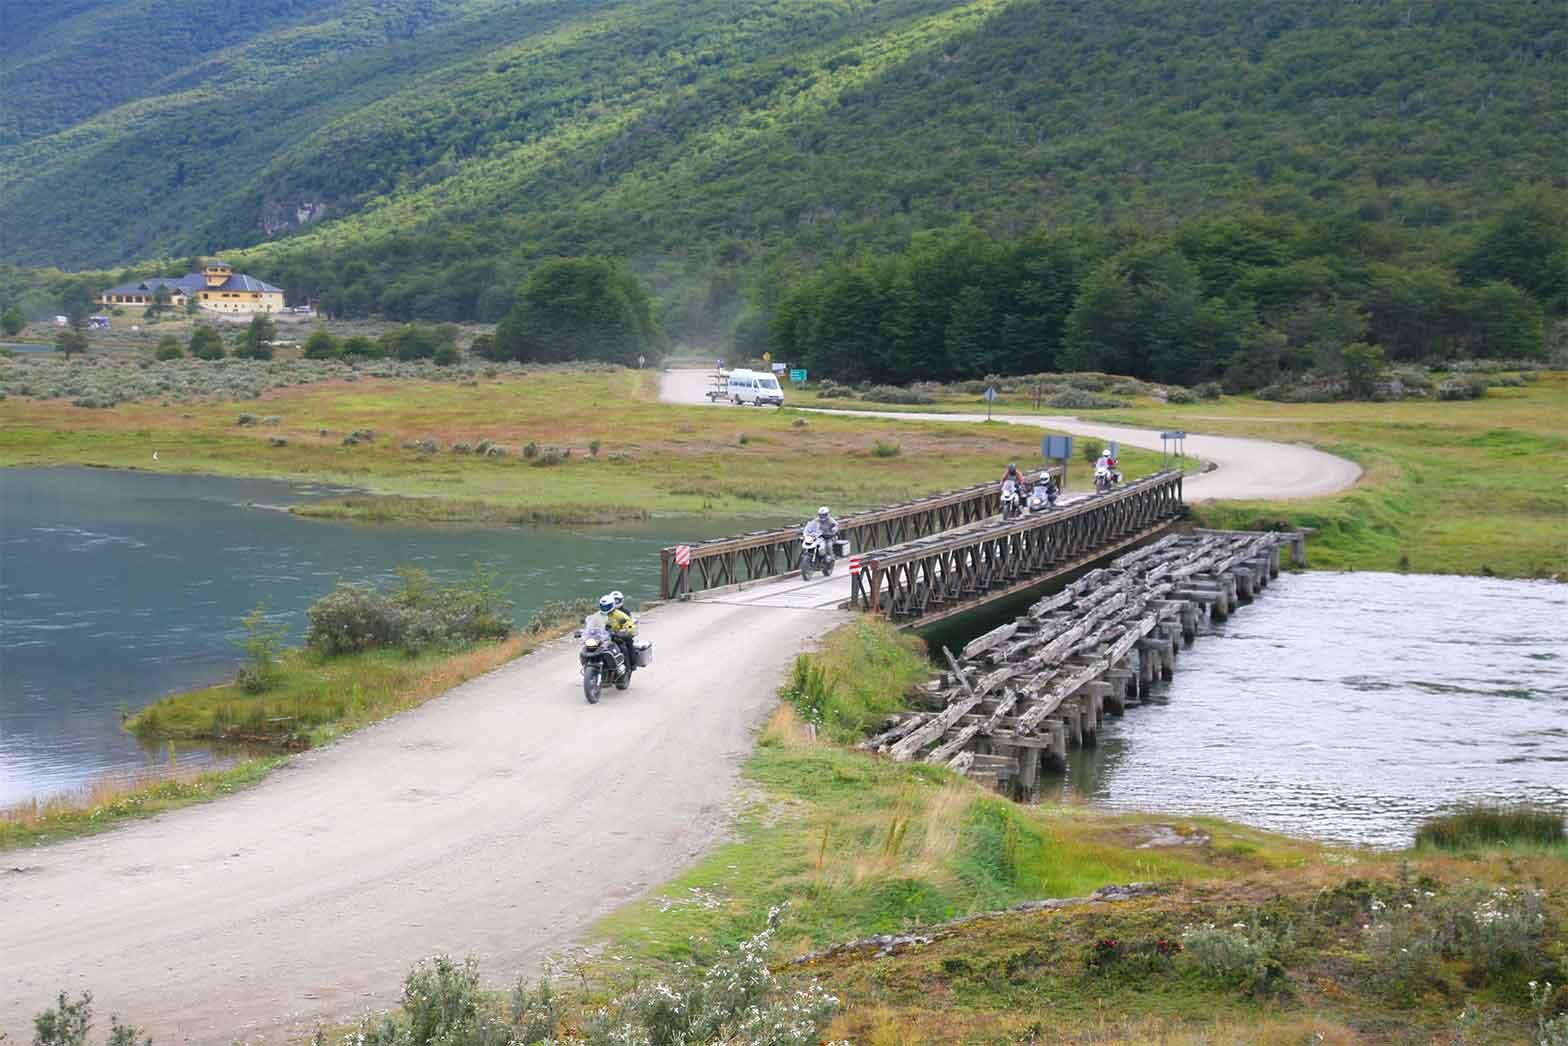 Riding in Tierra del Fuego National Park